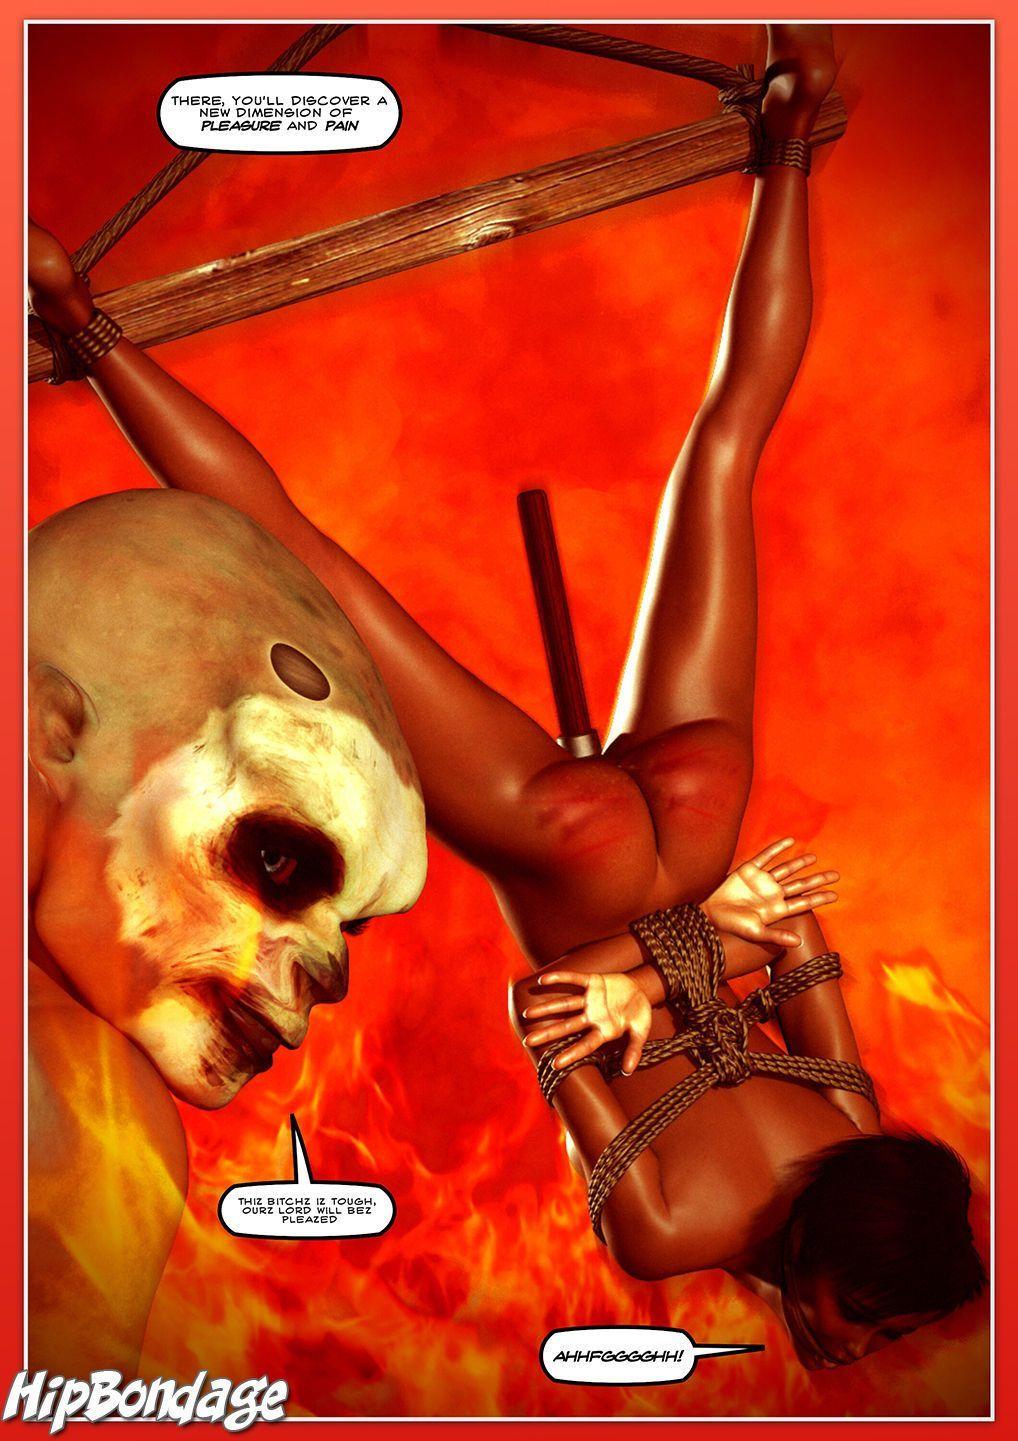 [Mitru] Cross Road To Hell - part 2